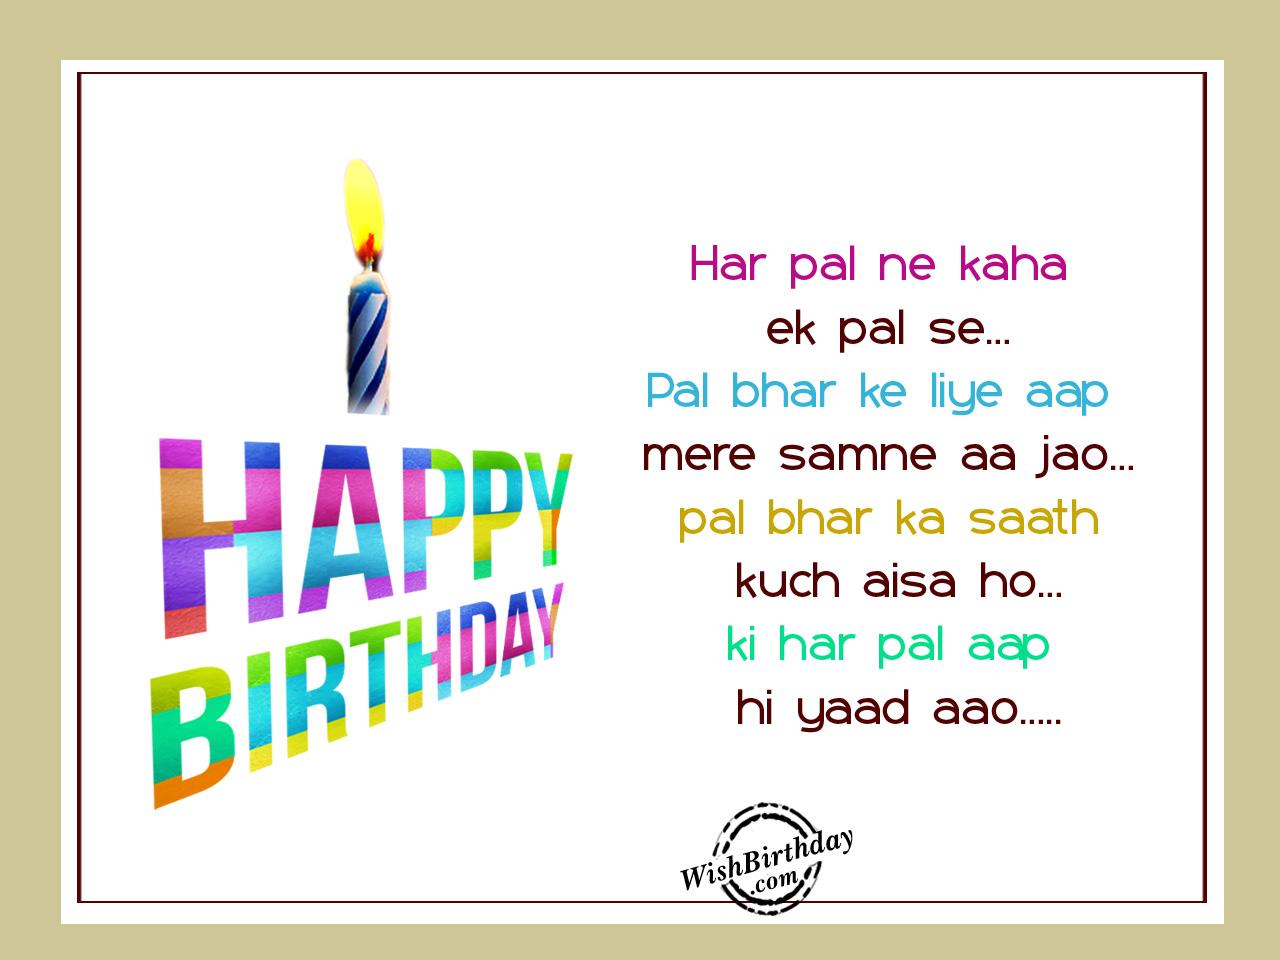 Har Pal Ne Kaha Ek SeHappy Birthday